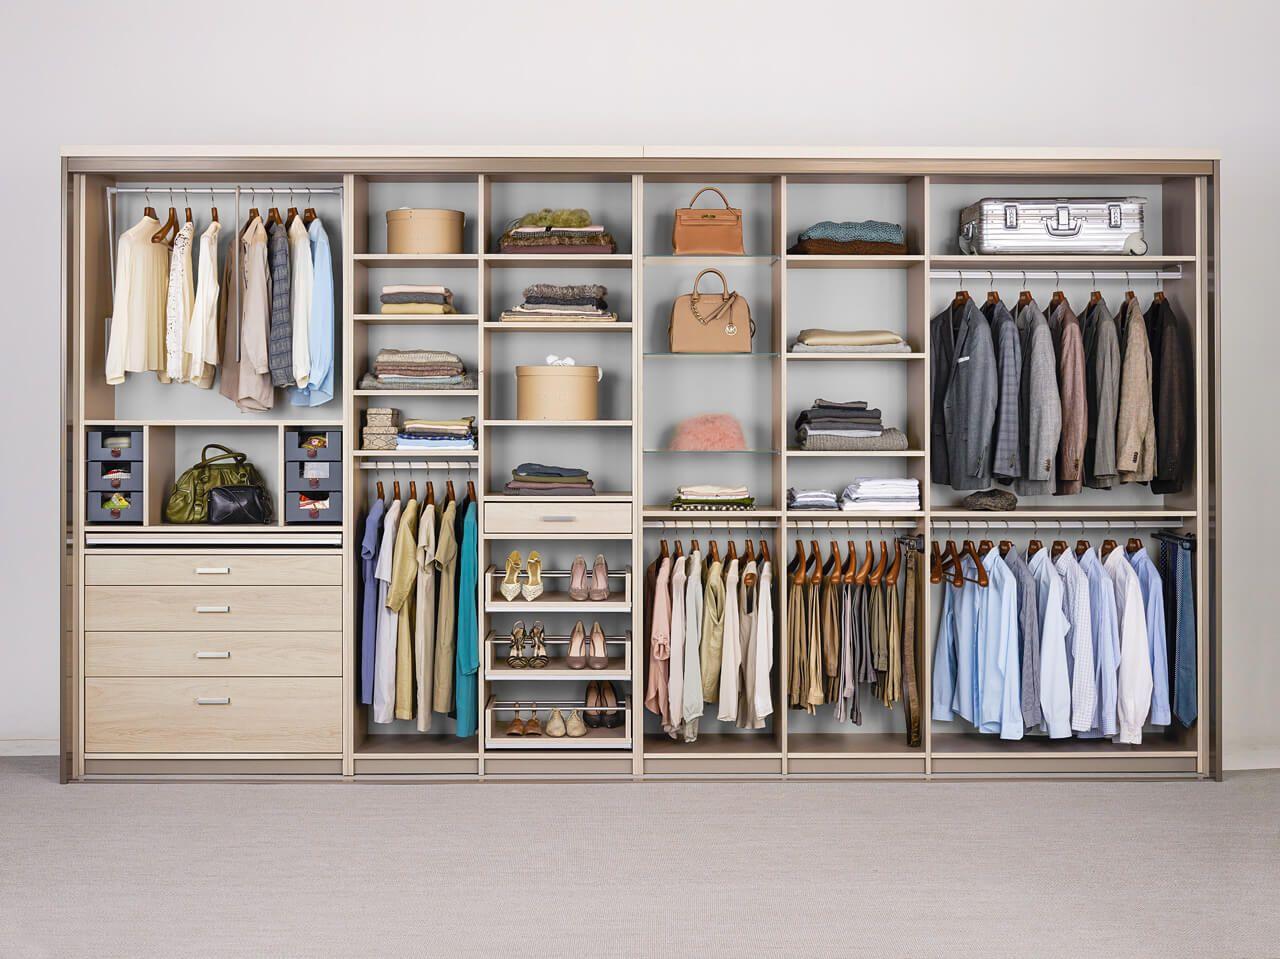 5 Tipps Fur Mehr Ordnung Im Kleiderschrank Einbauschrank Schrank Und Garderobe Schrank